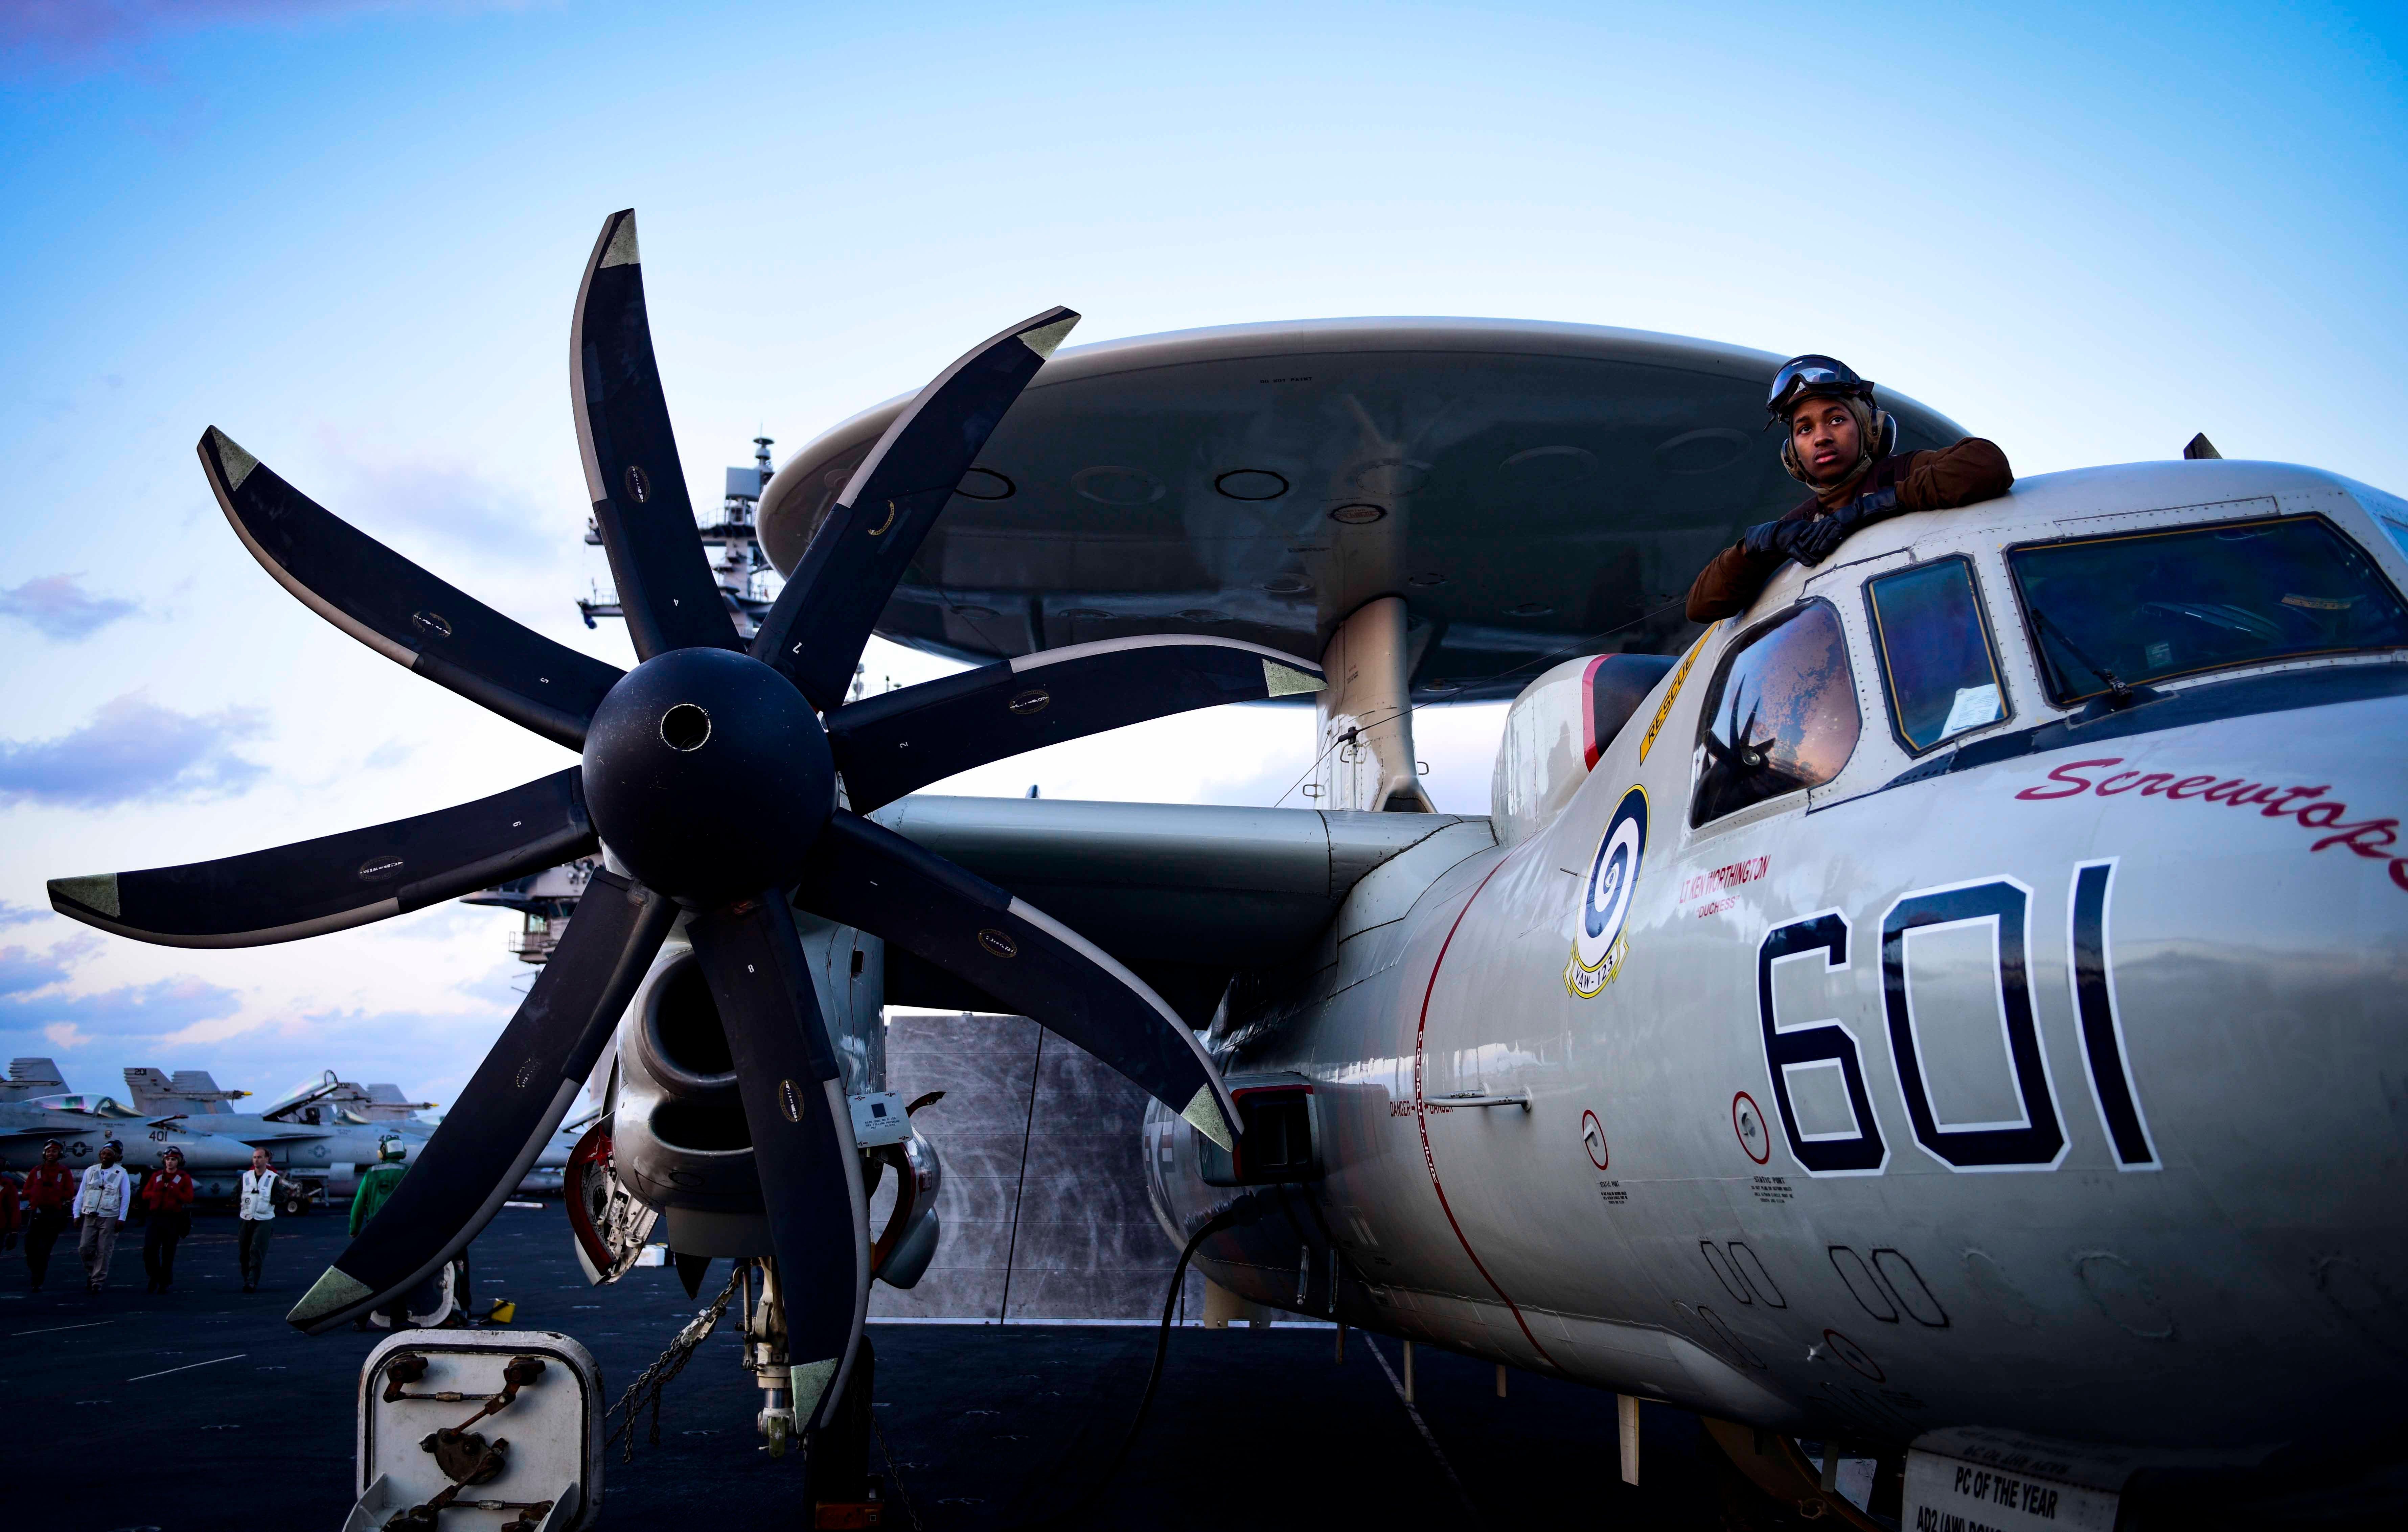 (U.S. Navy photo by Mass Communication Specialist 3rd Class Ryan U. Kledzik/Released)